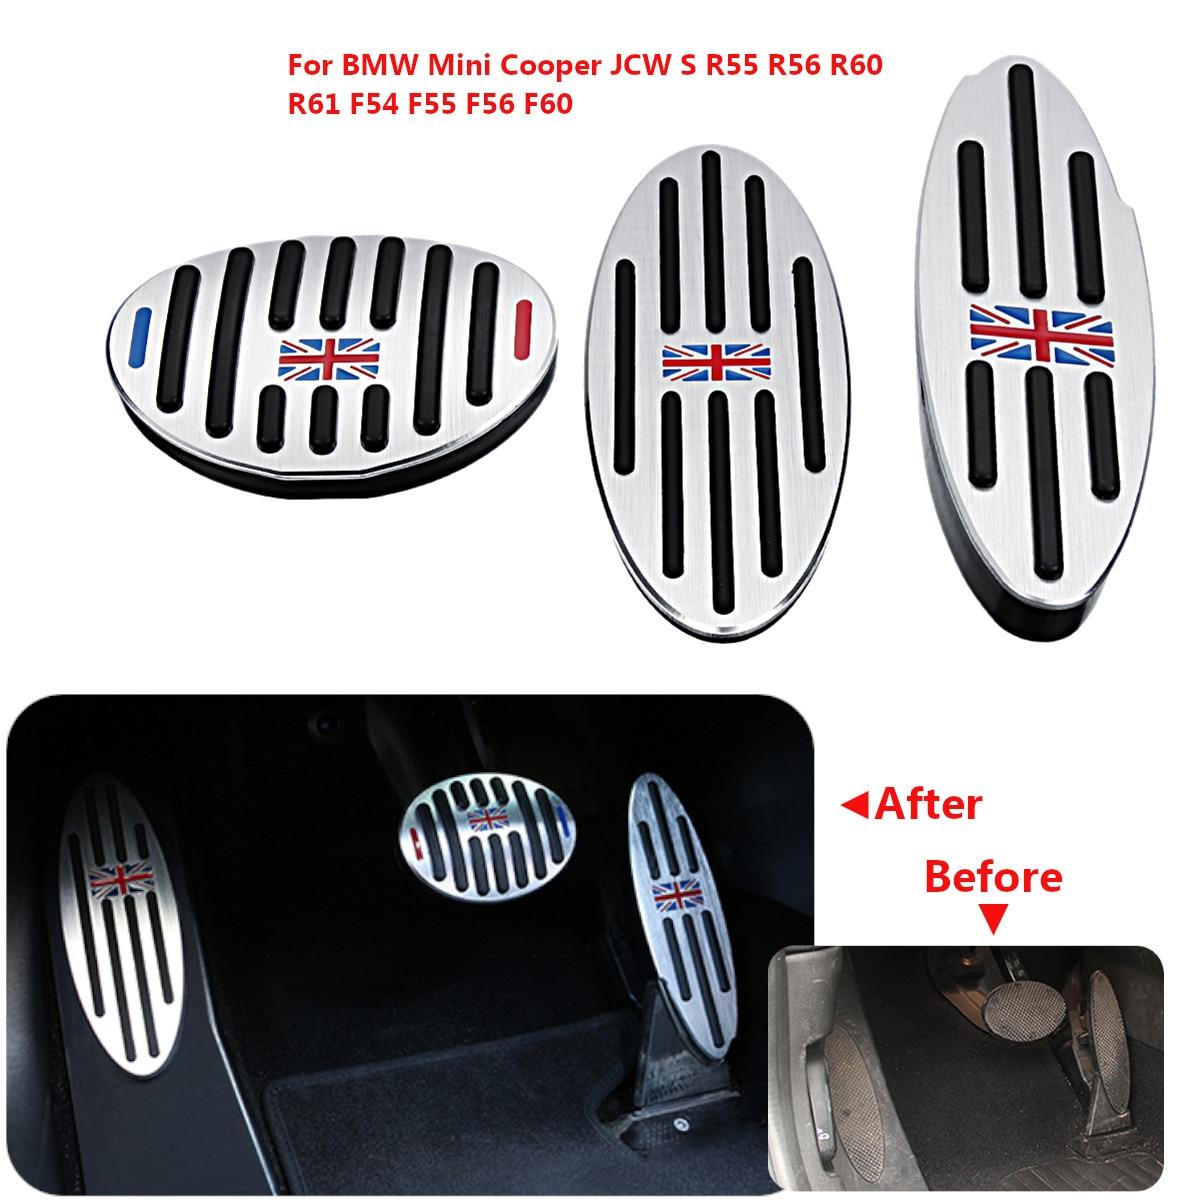 Alumínio Apoio Para Os Pés Do Freio Gás Pedal Da Embreagem Placa de Cobre para BMW para Mini para JCW Cooper S R55 R56 R60 R61 f54 F55 F56 F60